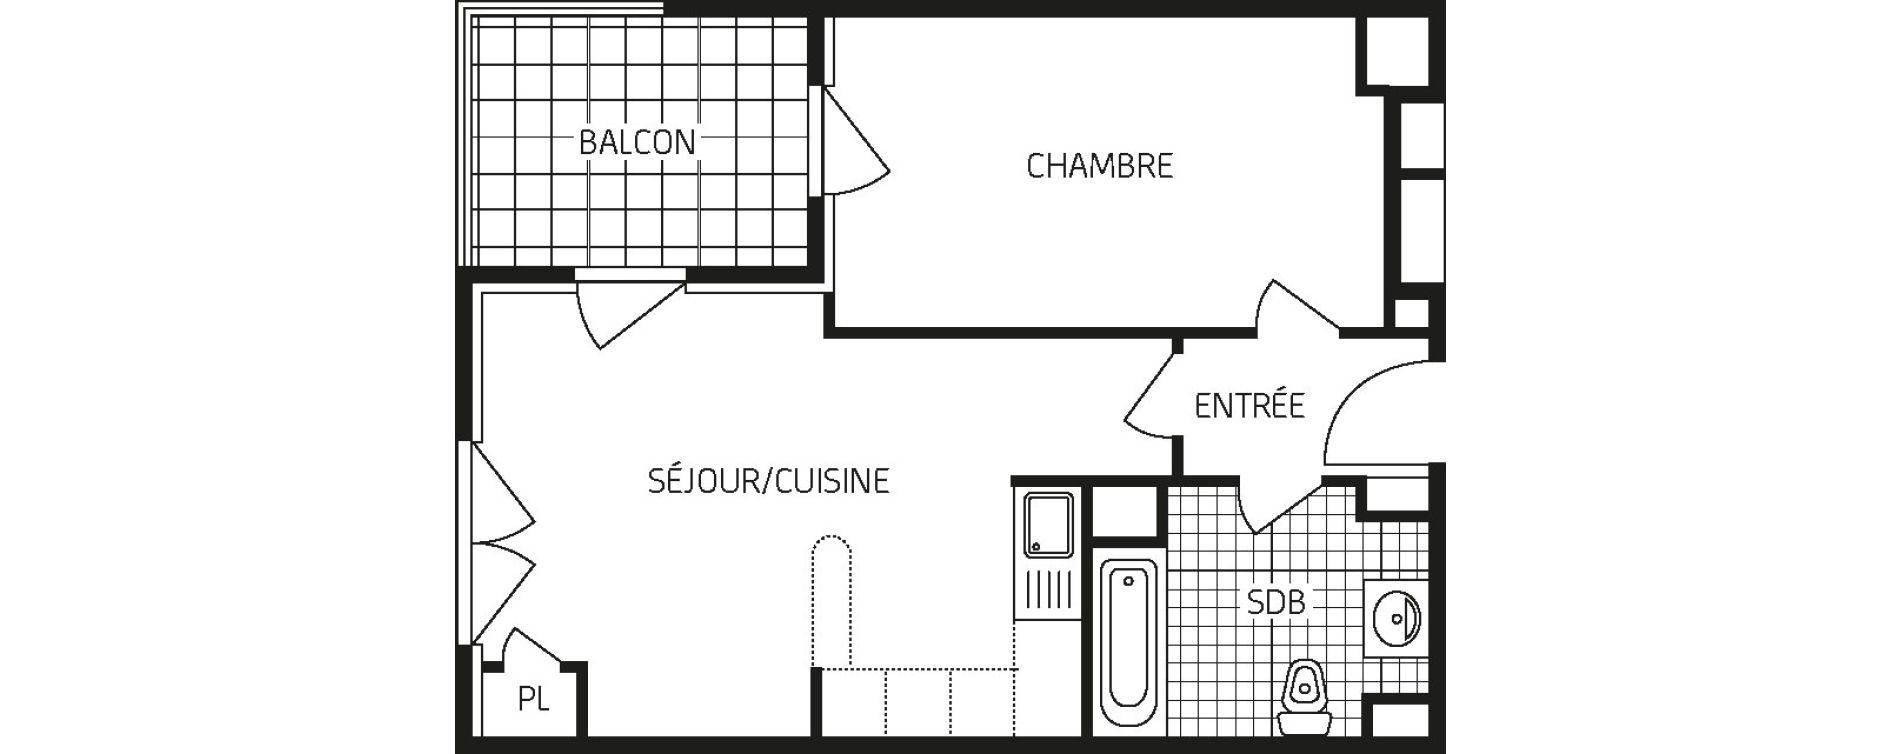 Appartement T2 de 43,80 m2 à Orléans Barrière st-marc - la fontaine